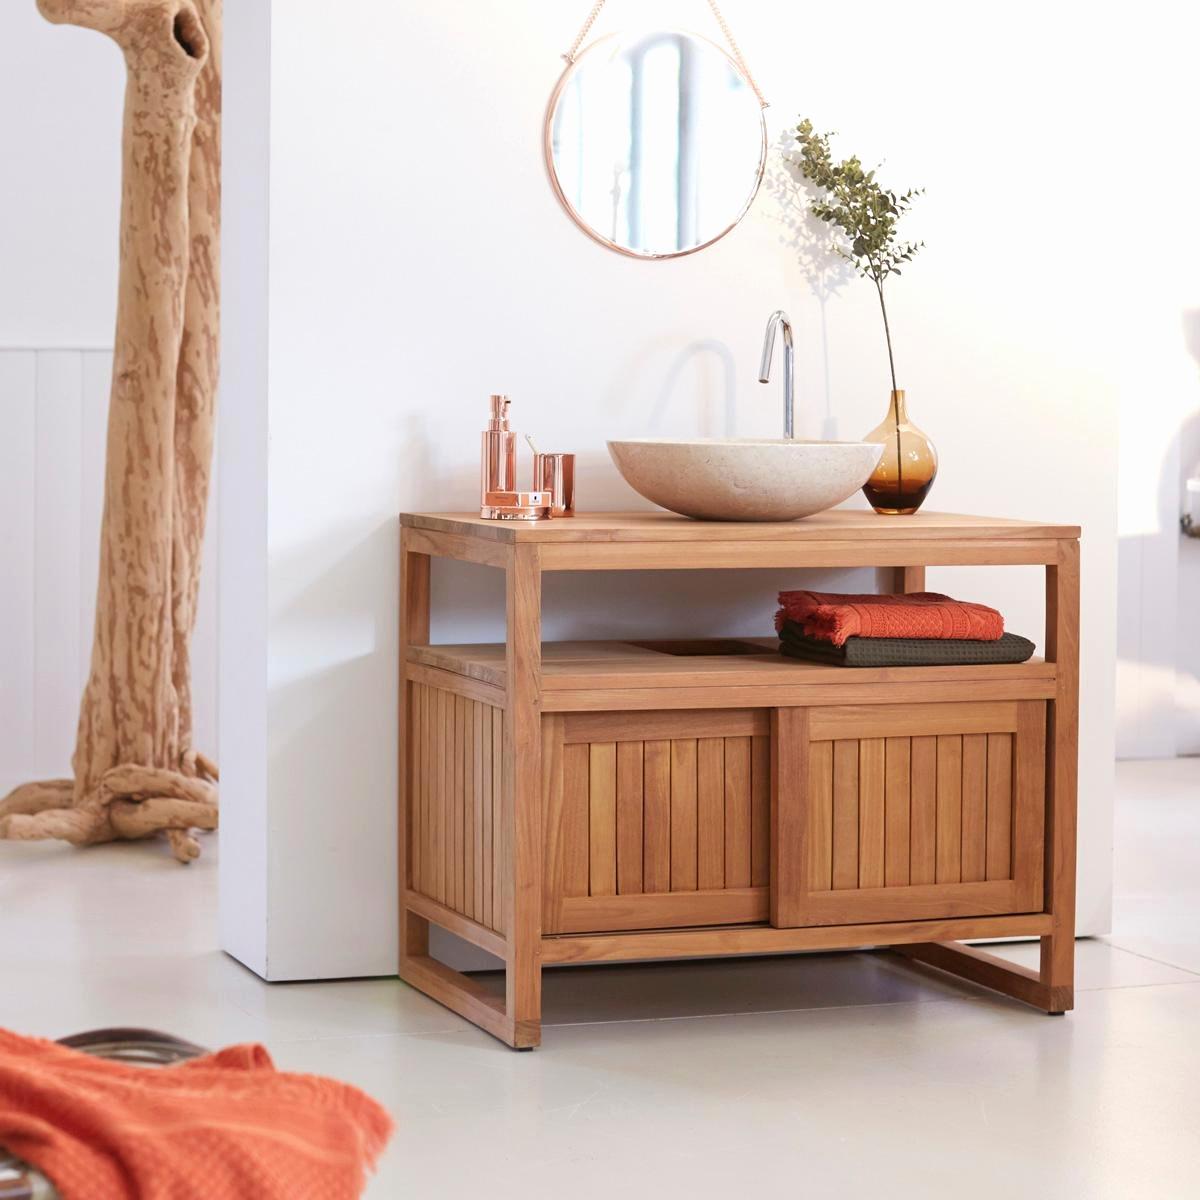 Double Vasque Salle De Bain Ikea Luxe Photos Double Vasque Salle De Bain Ikea élégant Meubles De Salle Bain Et